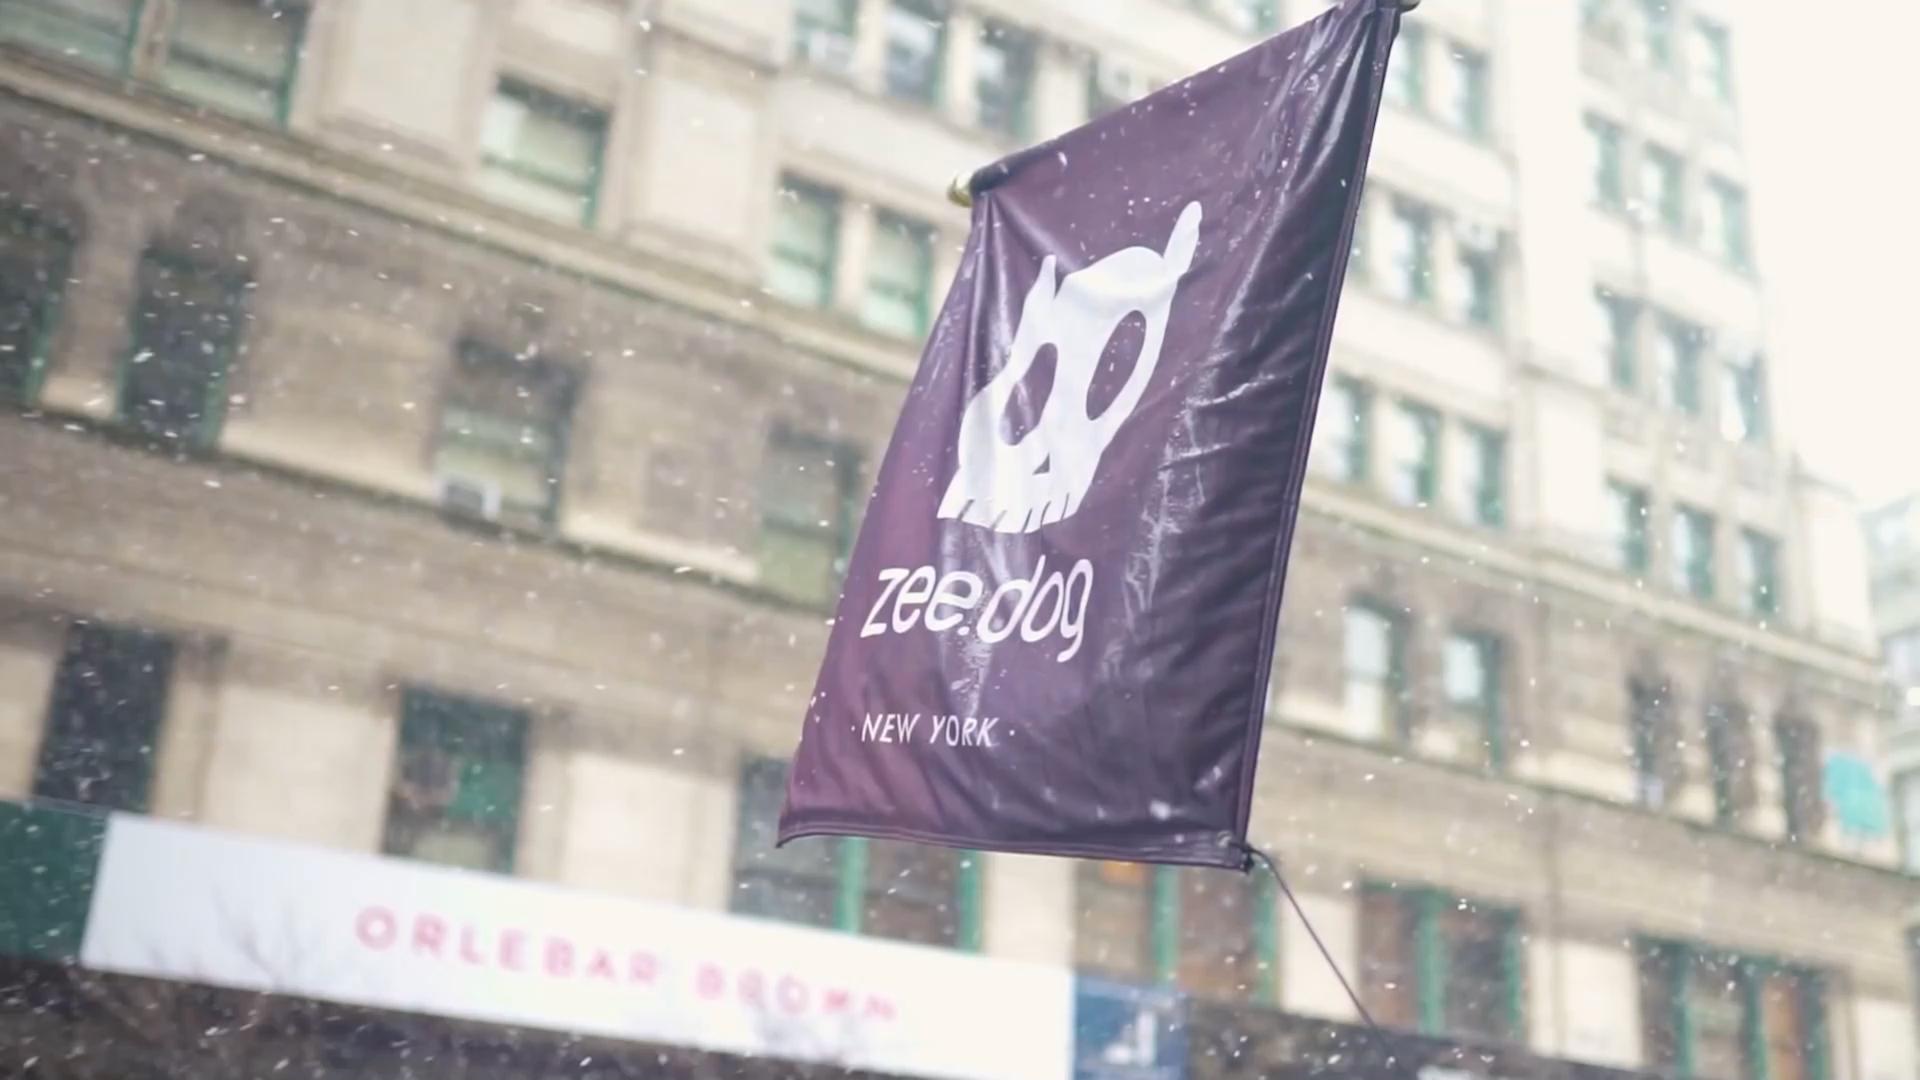 Foto com destaque da bandeira da marca zee.dog na cidade de Nova York, NY.